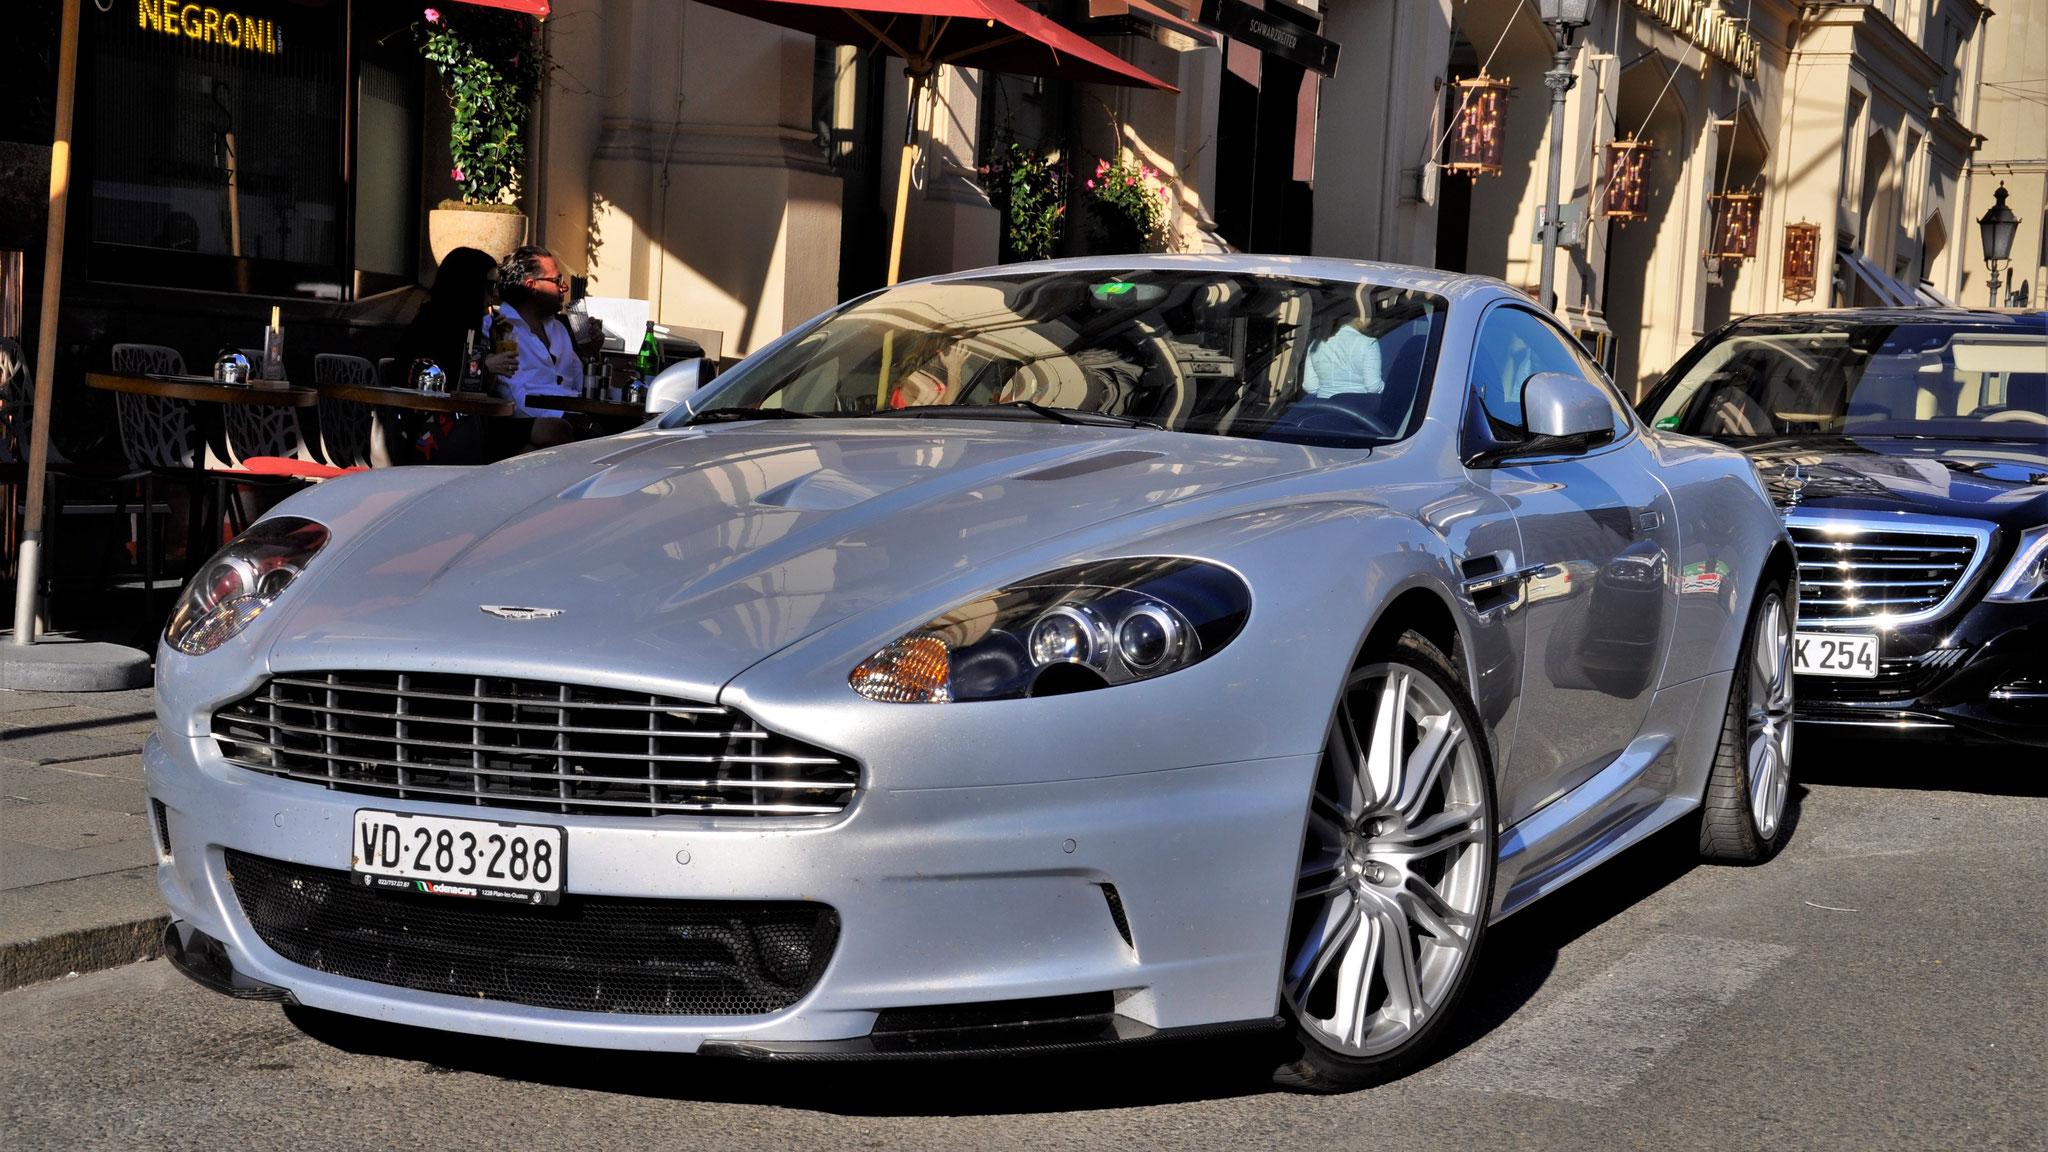 Aston Martin DBS - VD-283288 (CH)